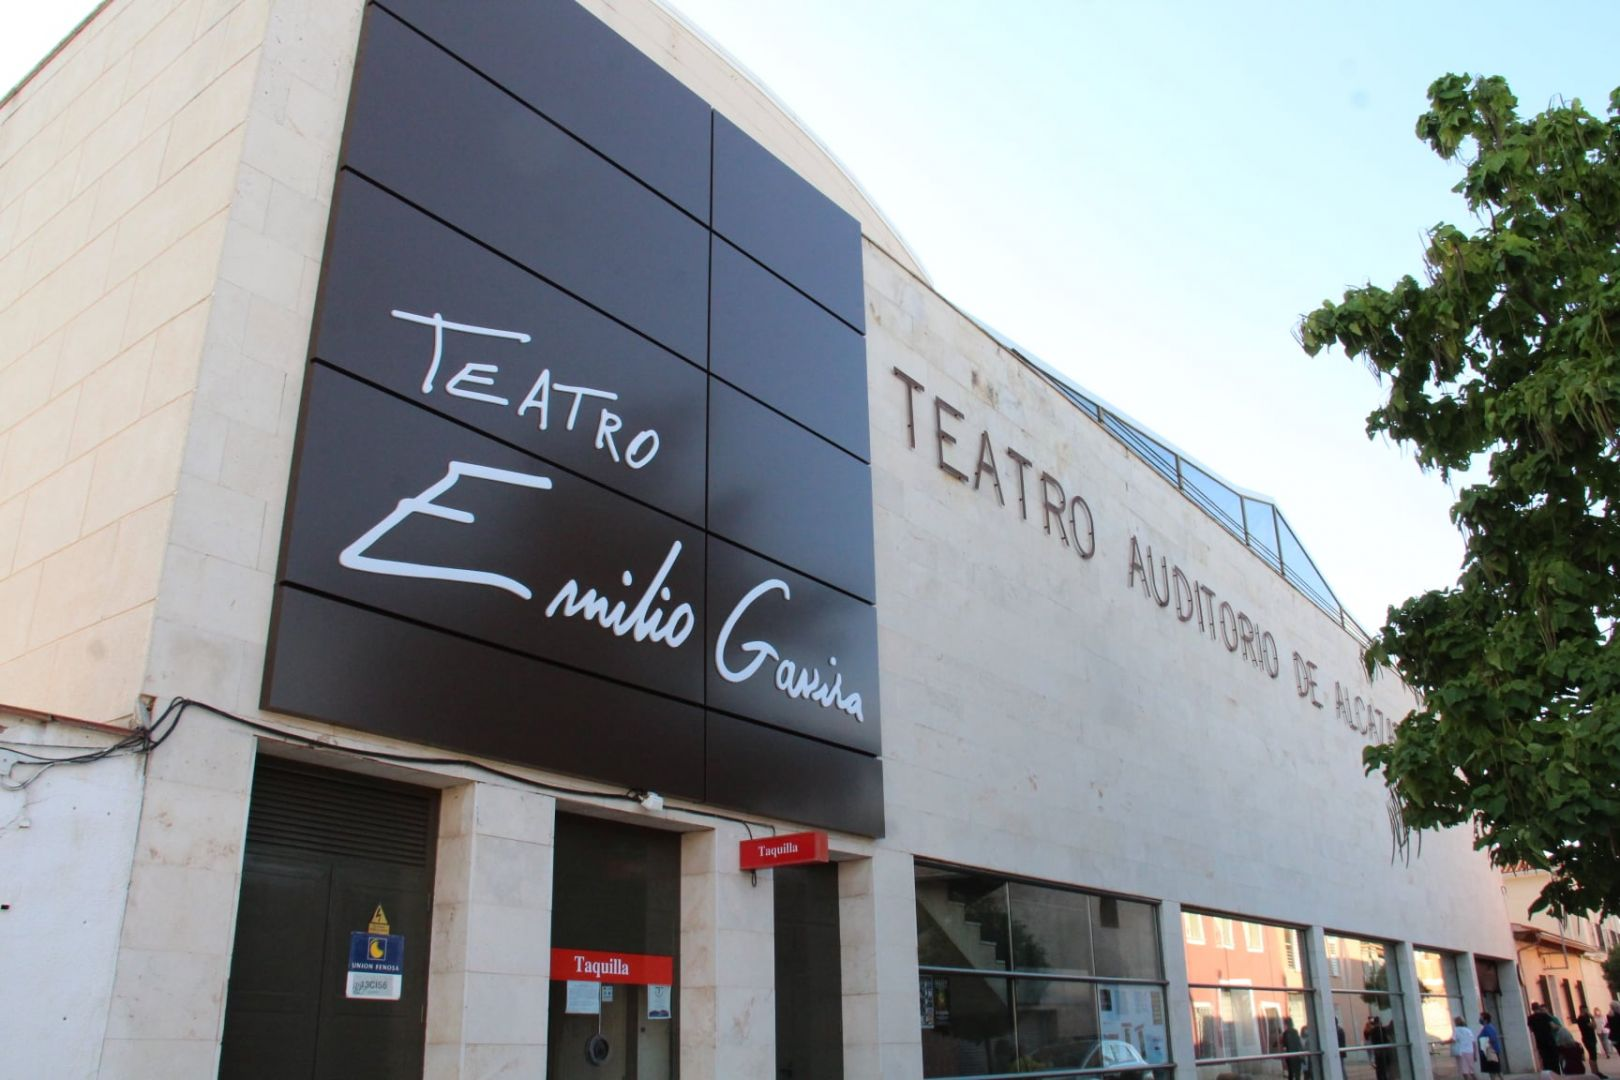 Teatro Emilio Gavira